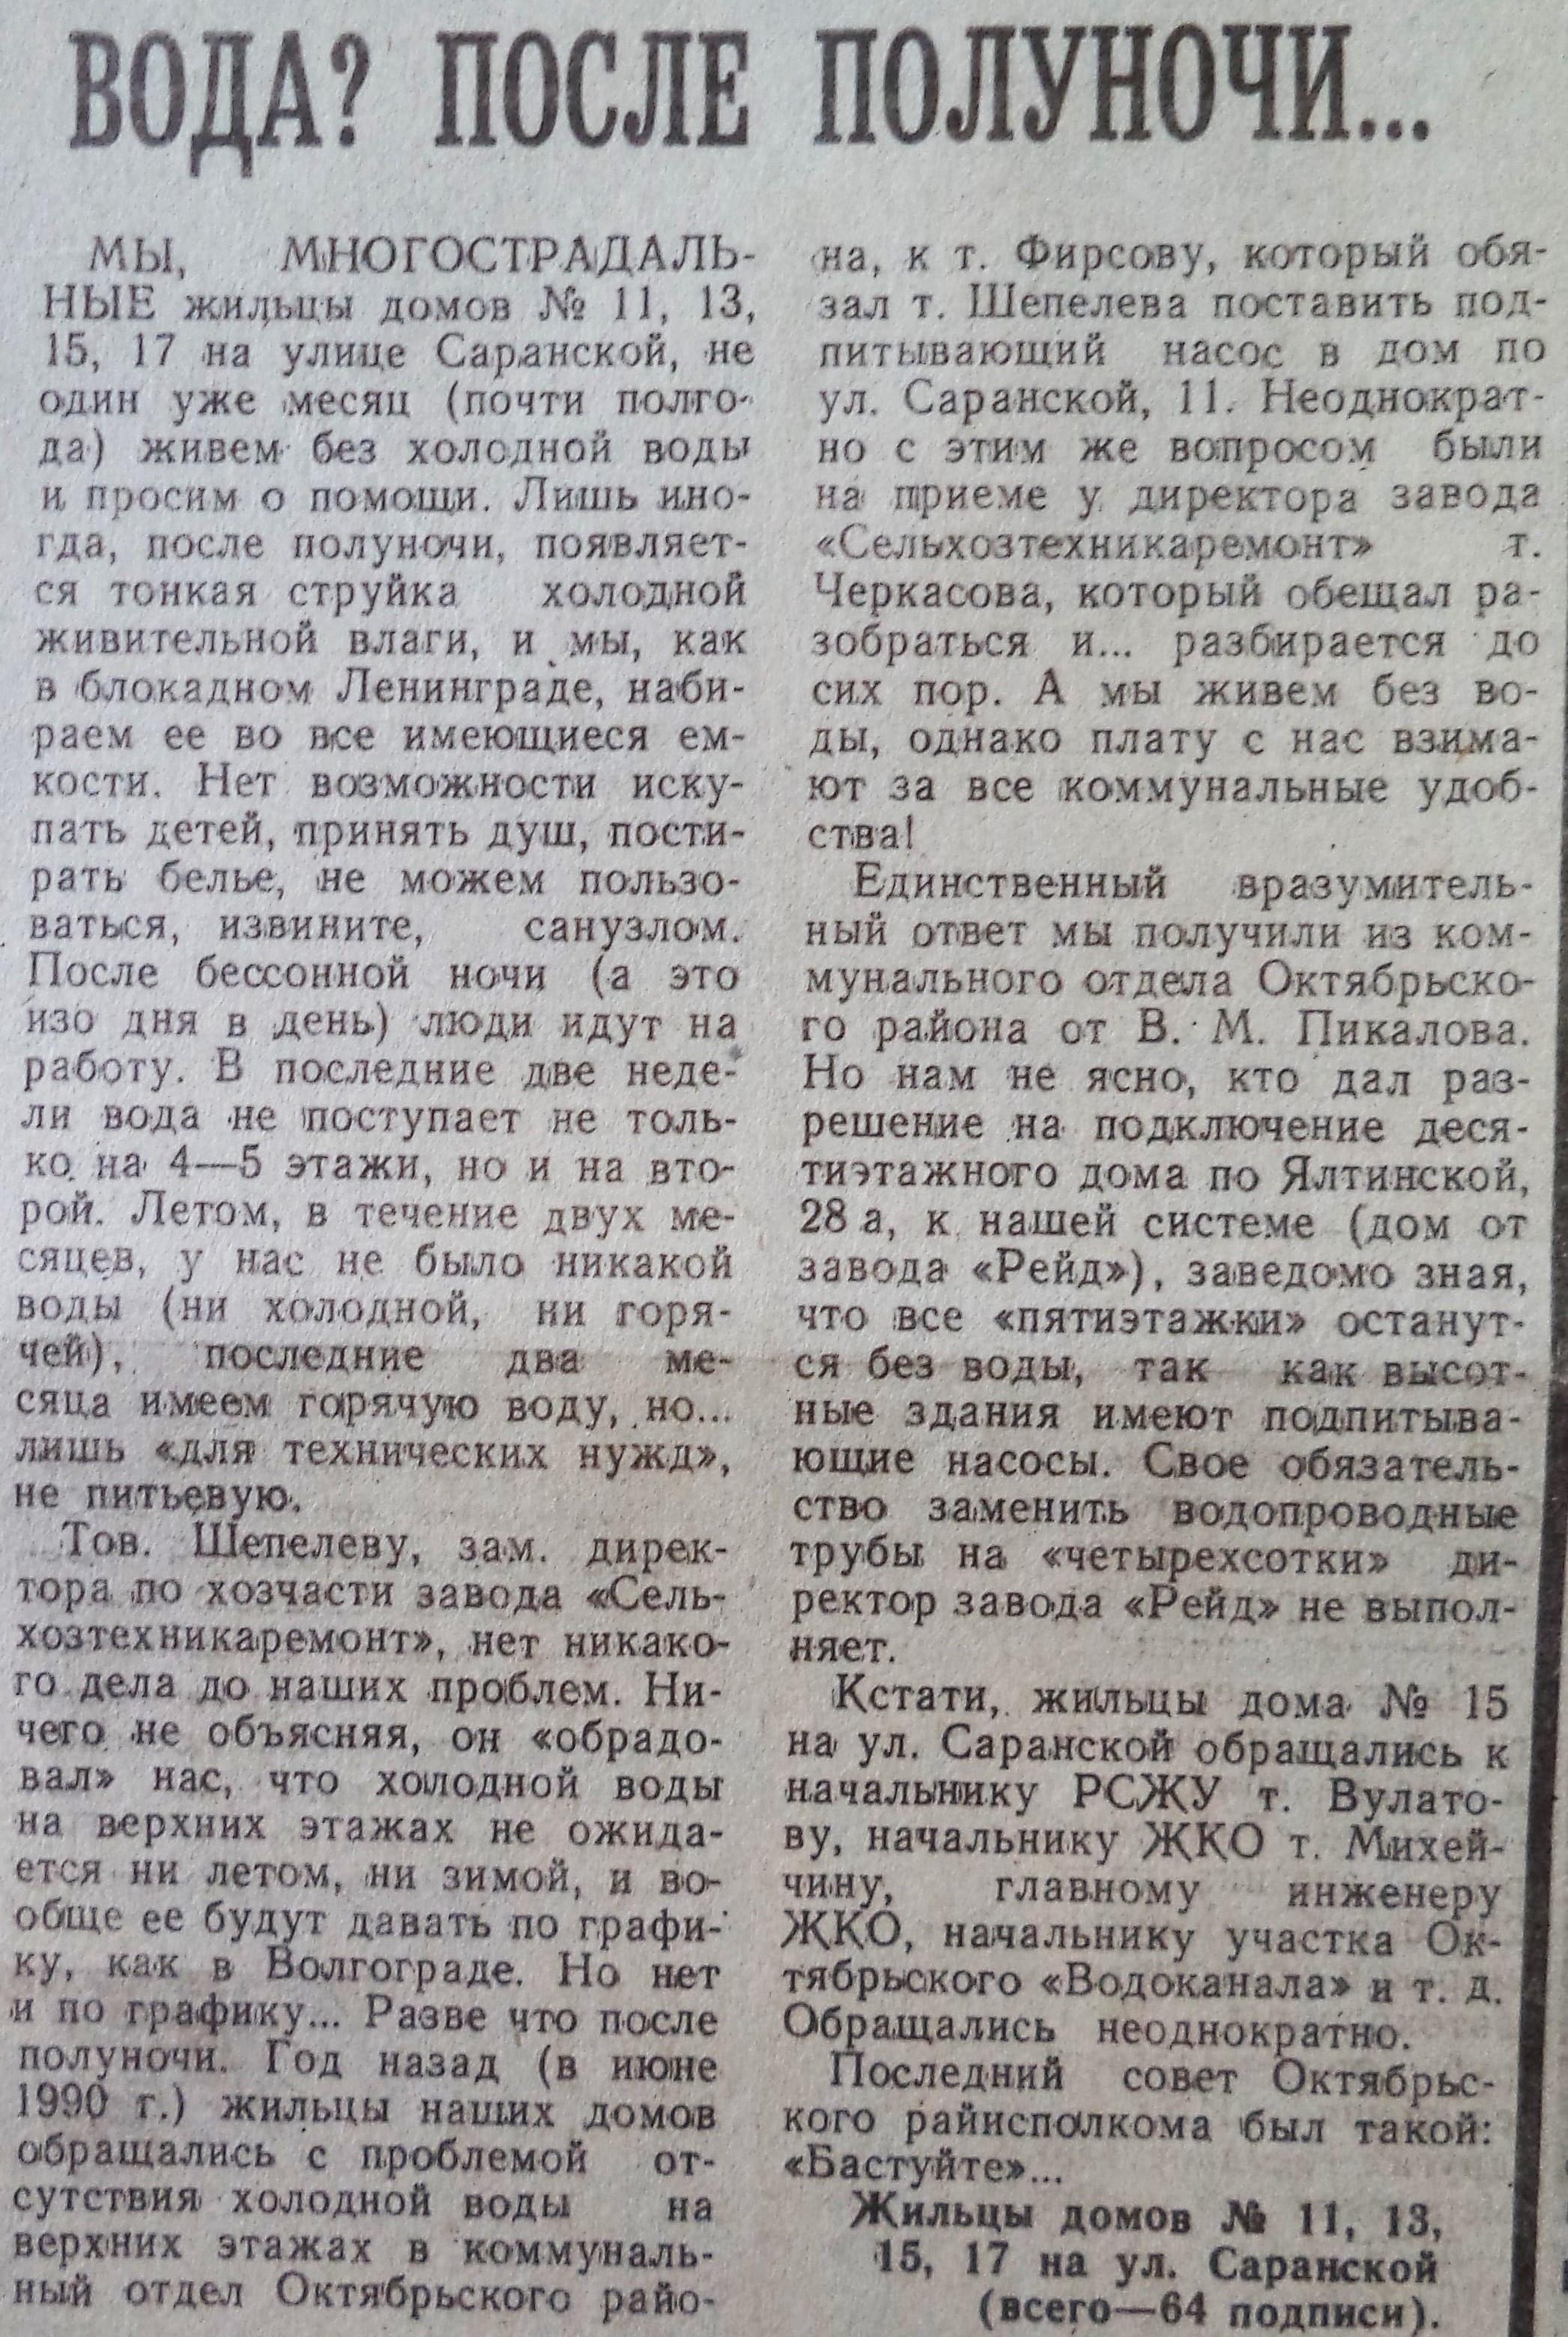 Саранская-ФОТО-09-ВЗя-1992-02-12-пробл. водоснабж. на Саран.-min